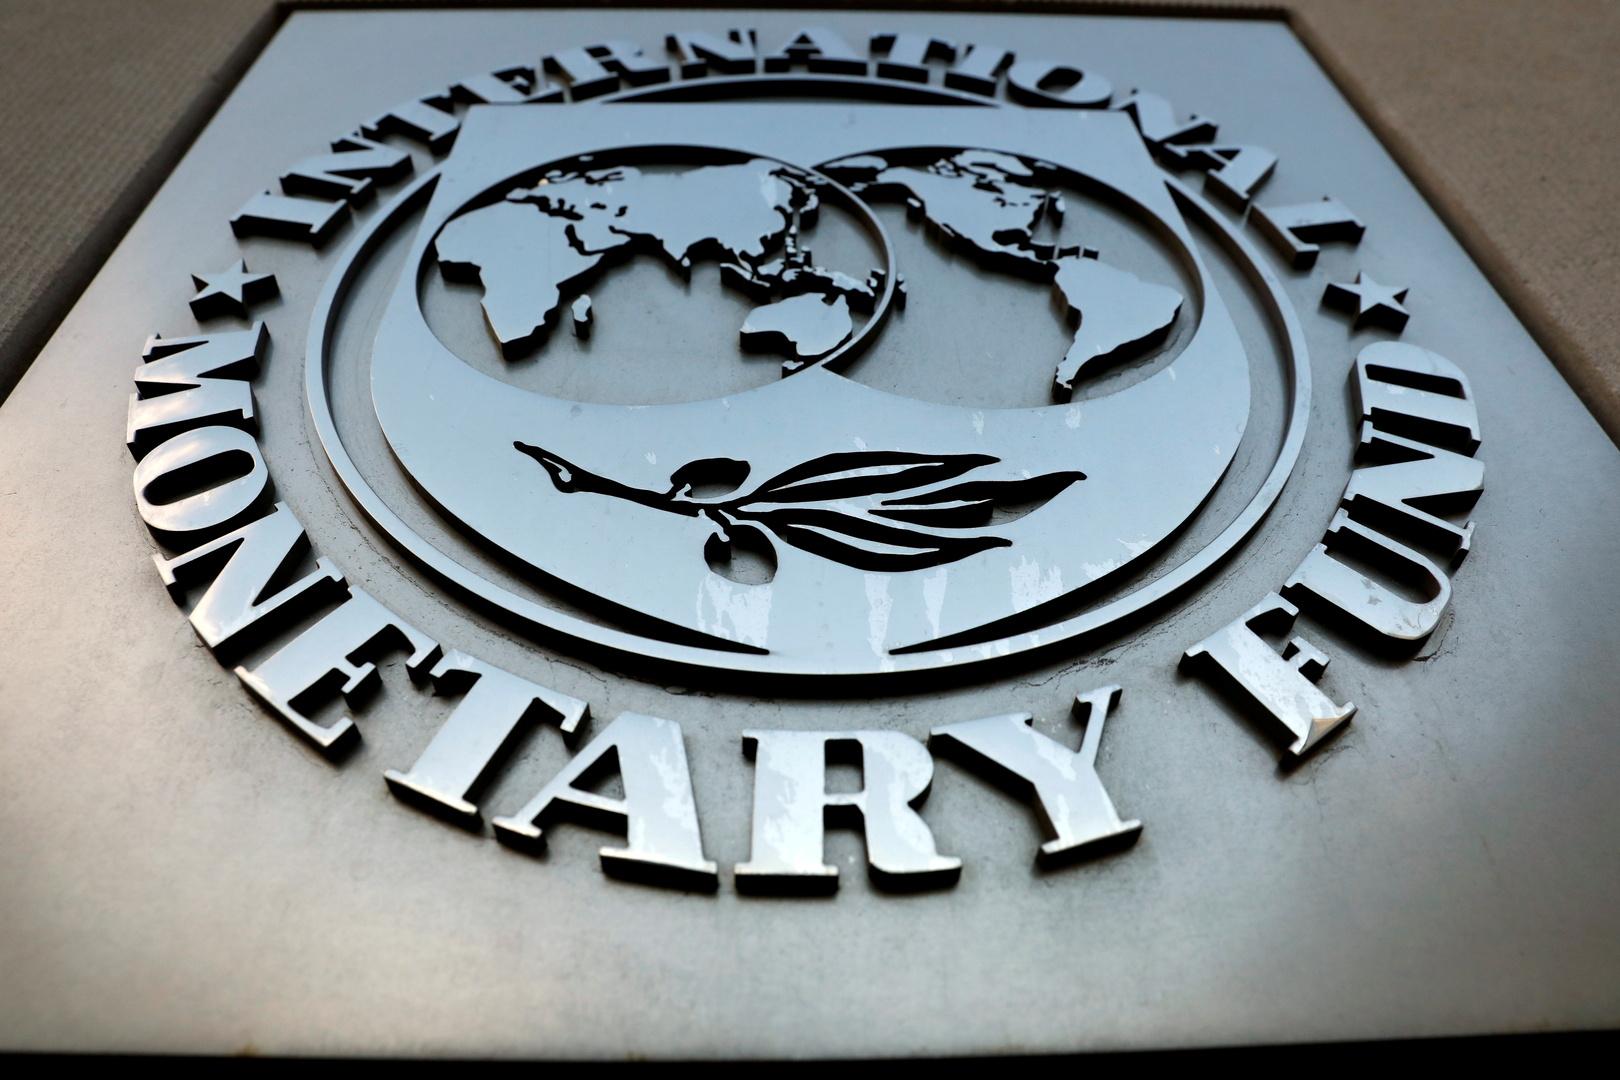 صندوق النقد الدولي: مصر ليست بحاجة لتمويل خارجي في الآونة الحالية